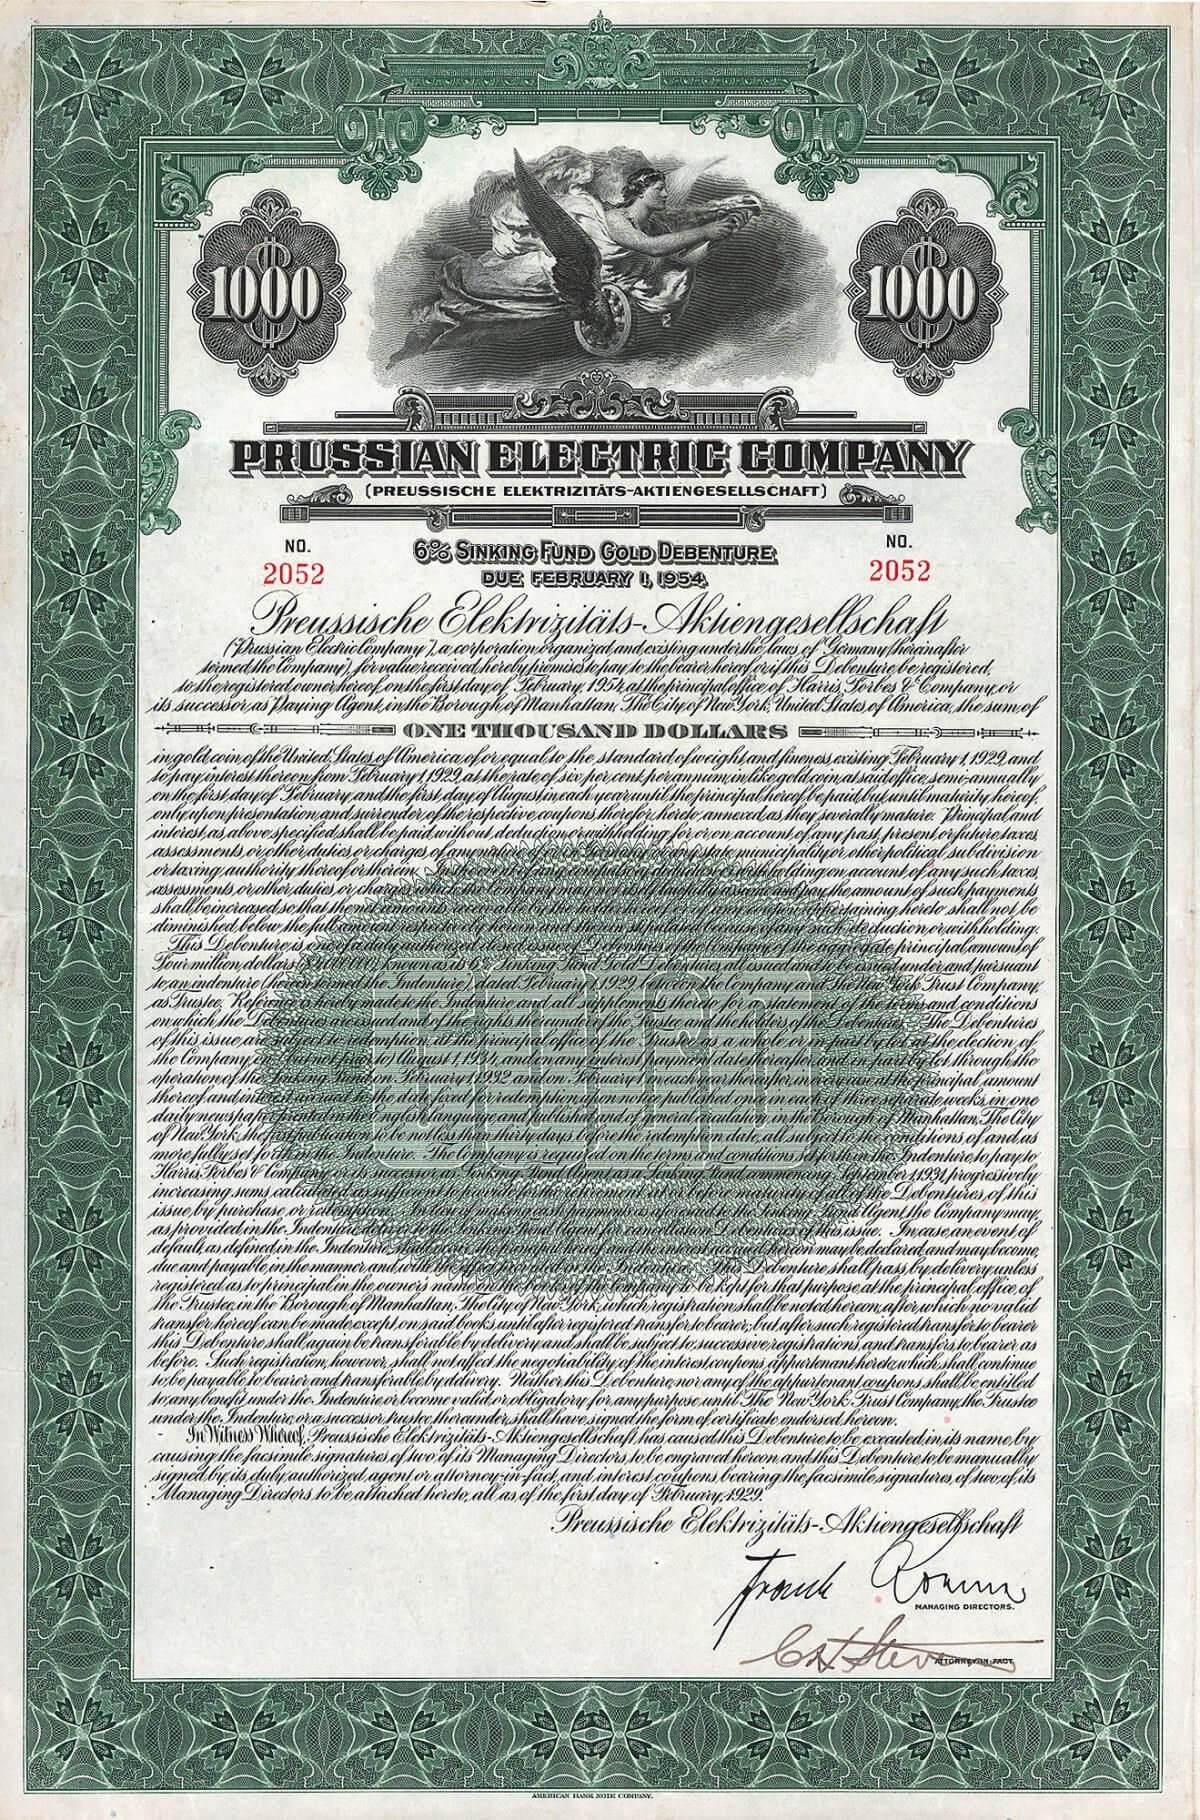 Preussische Elektrizitäts-AG (Prussian Electric Company), Gold Debenture über 1000 US-$ von 1929. Hervorgegangen 1927 aus der 1923 gegründeten Preußische Kraftwerke Oberweser AG, in der der Preußische Staat seine in 20 Jahren zusammengekommenen Interessen in der Stromwirtschaft zusammenfaßte. 2000 mit der Bayernwerk AG fusioniert zur E.ON Energie AG.